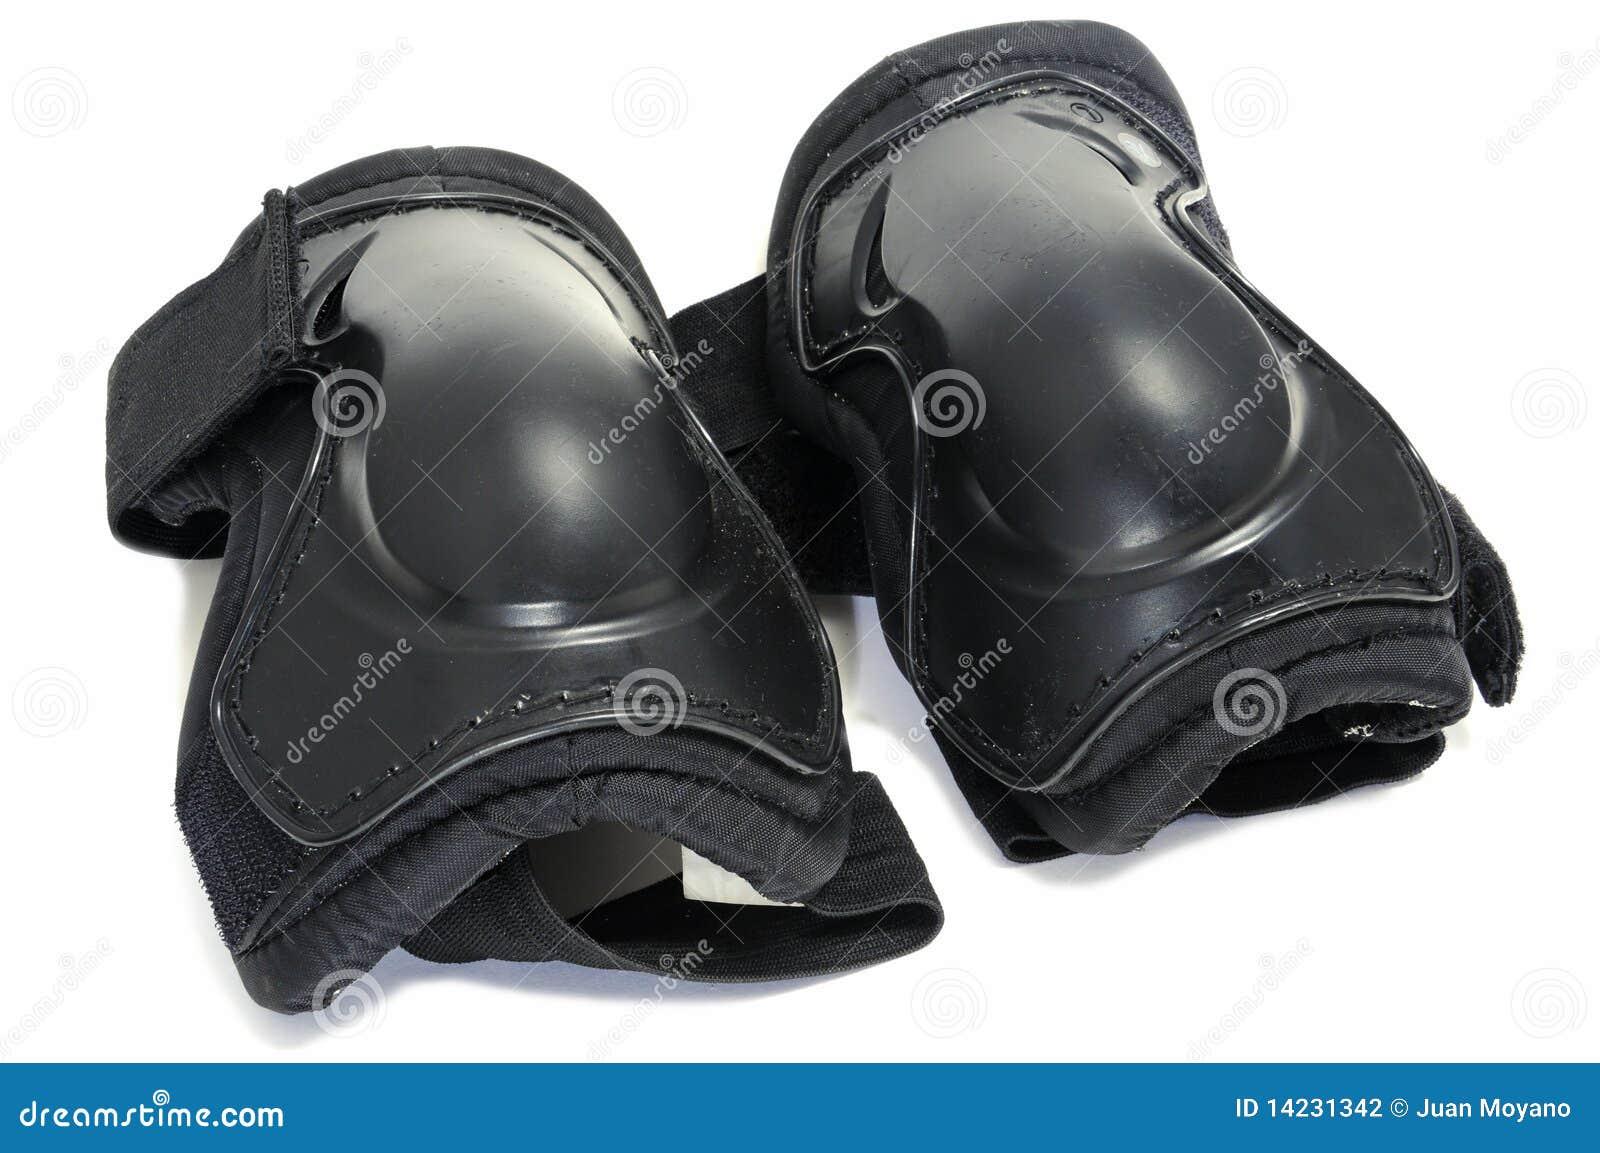 Protectores de la rodilla